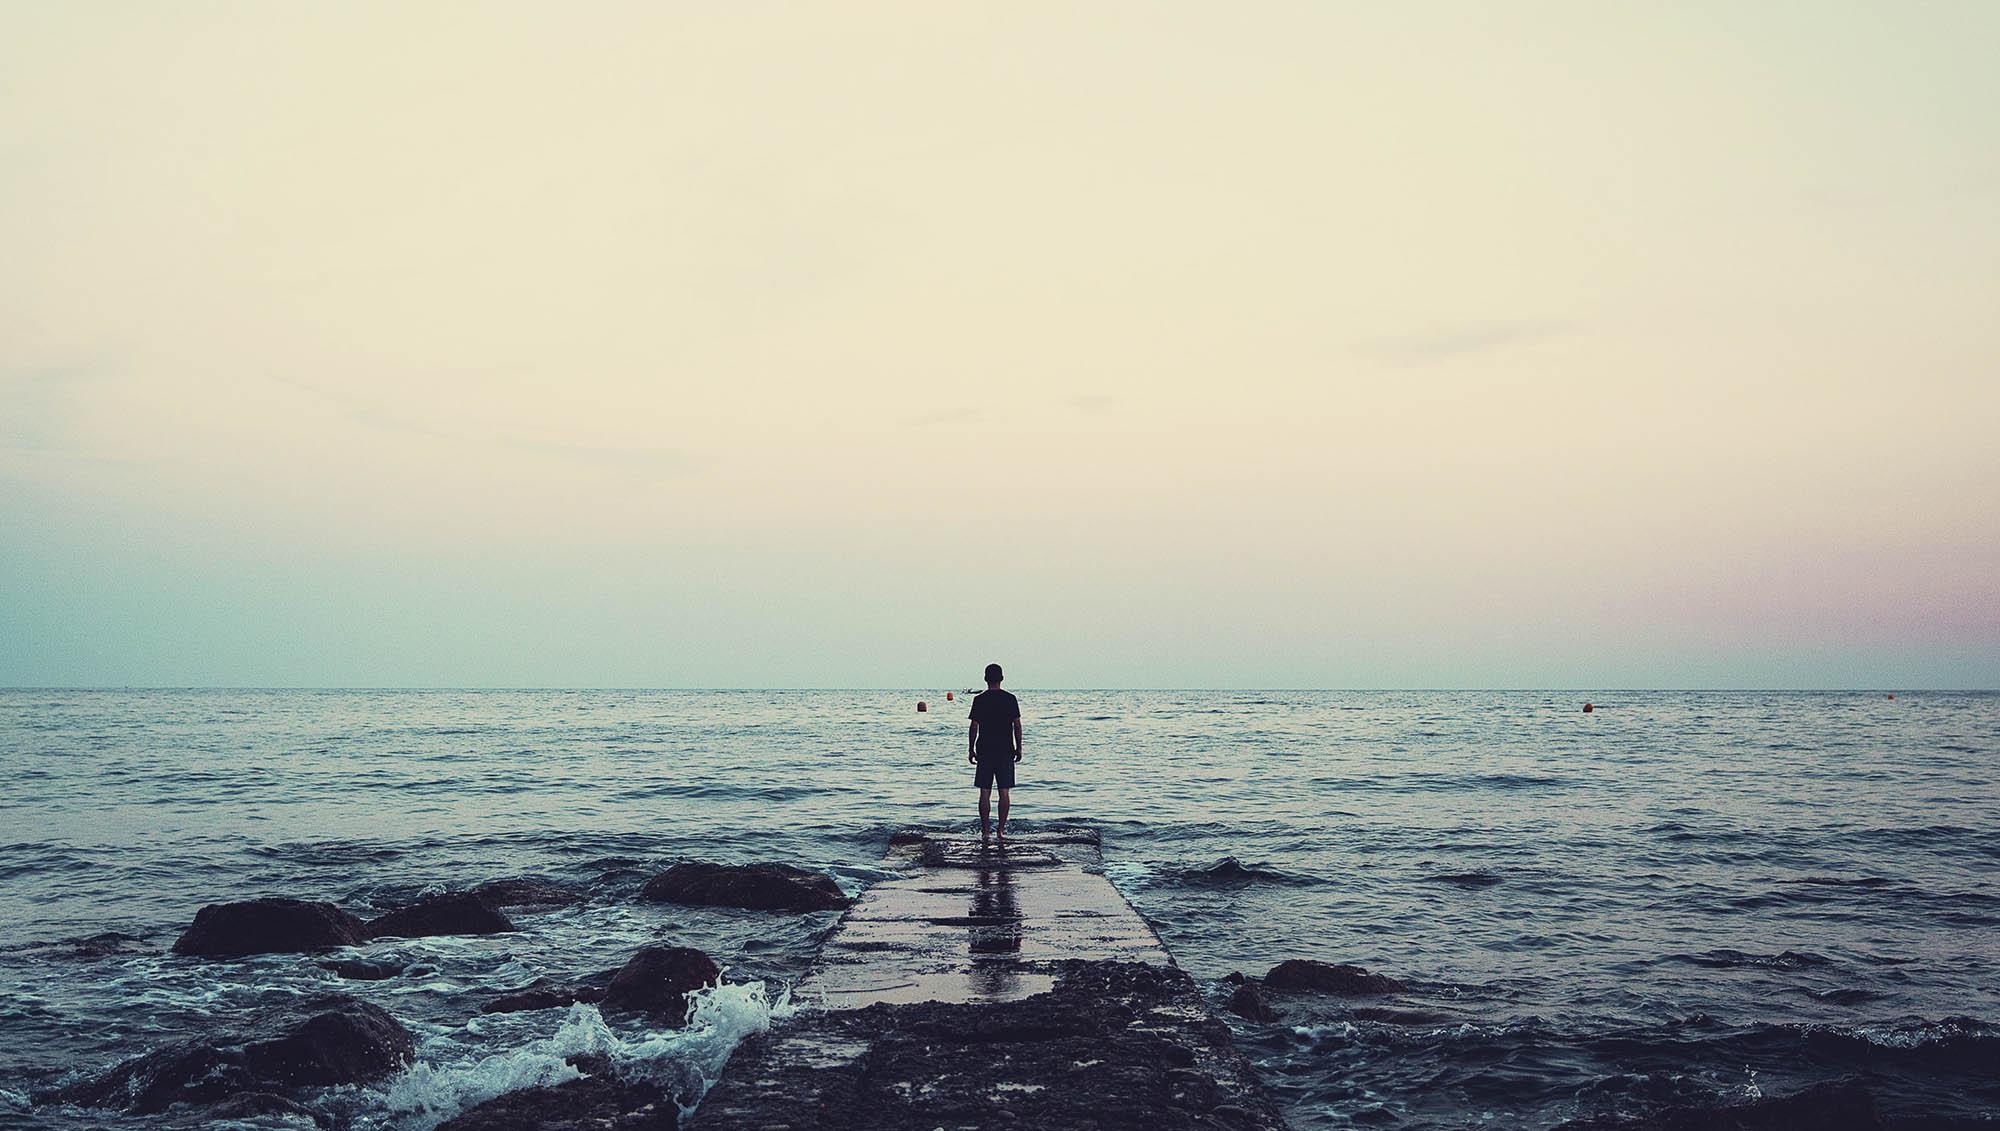 La certeza de lo atemporal en tiempos de incertidumbre